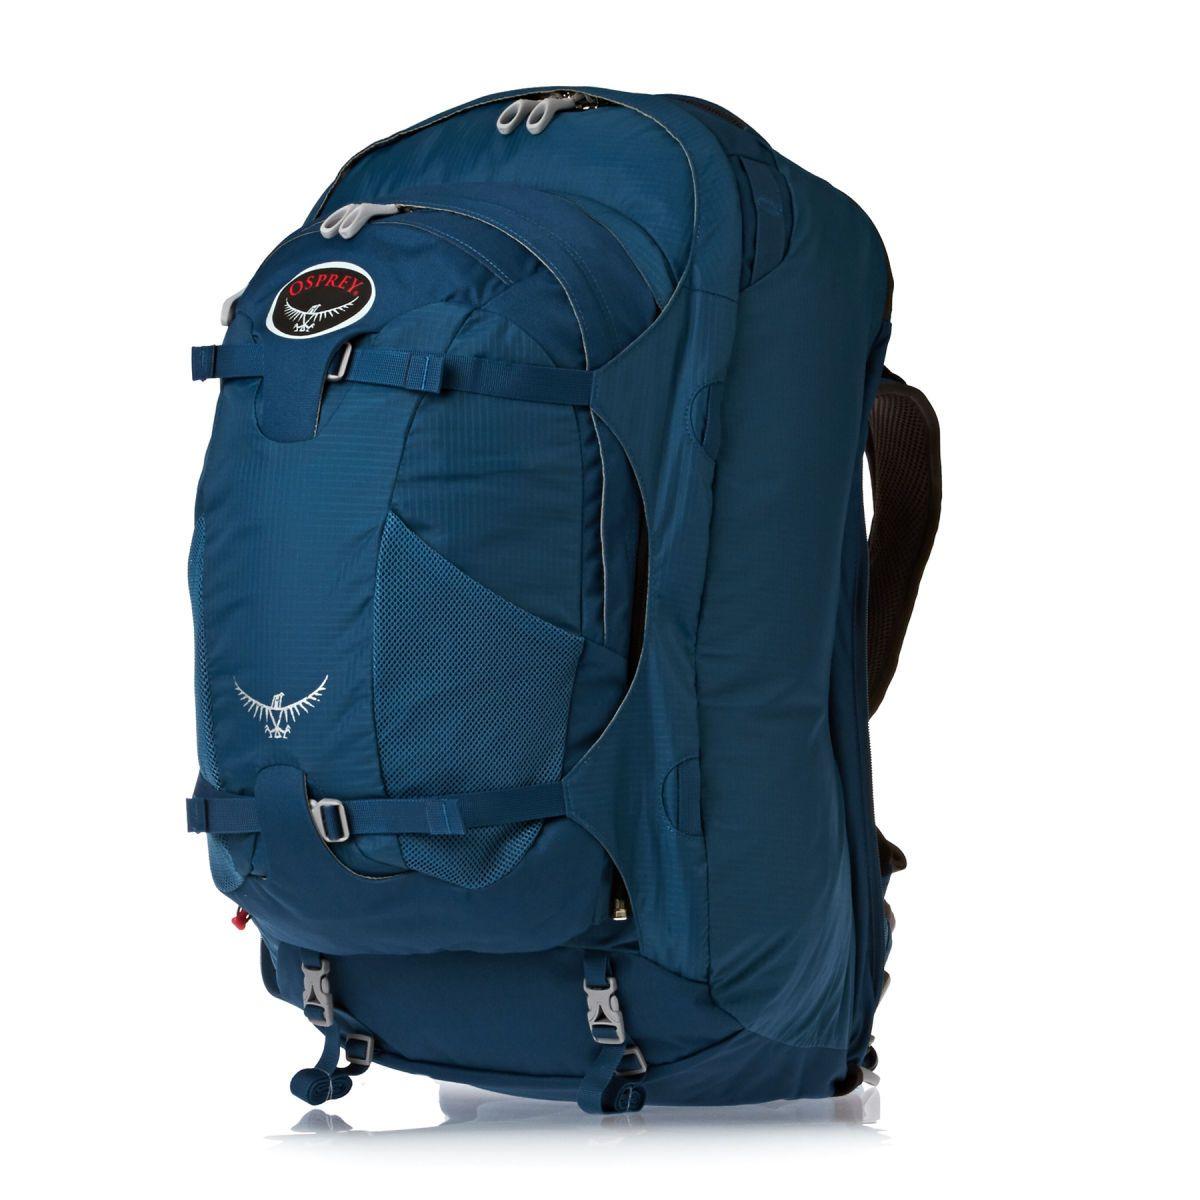 Osprey Backpacks - Osprey Farpoint 70 Backpack - Lagoon Blue ... d089a93e9e